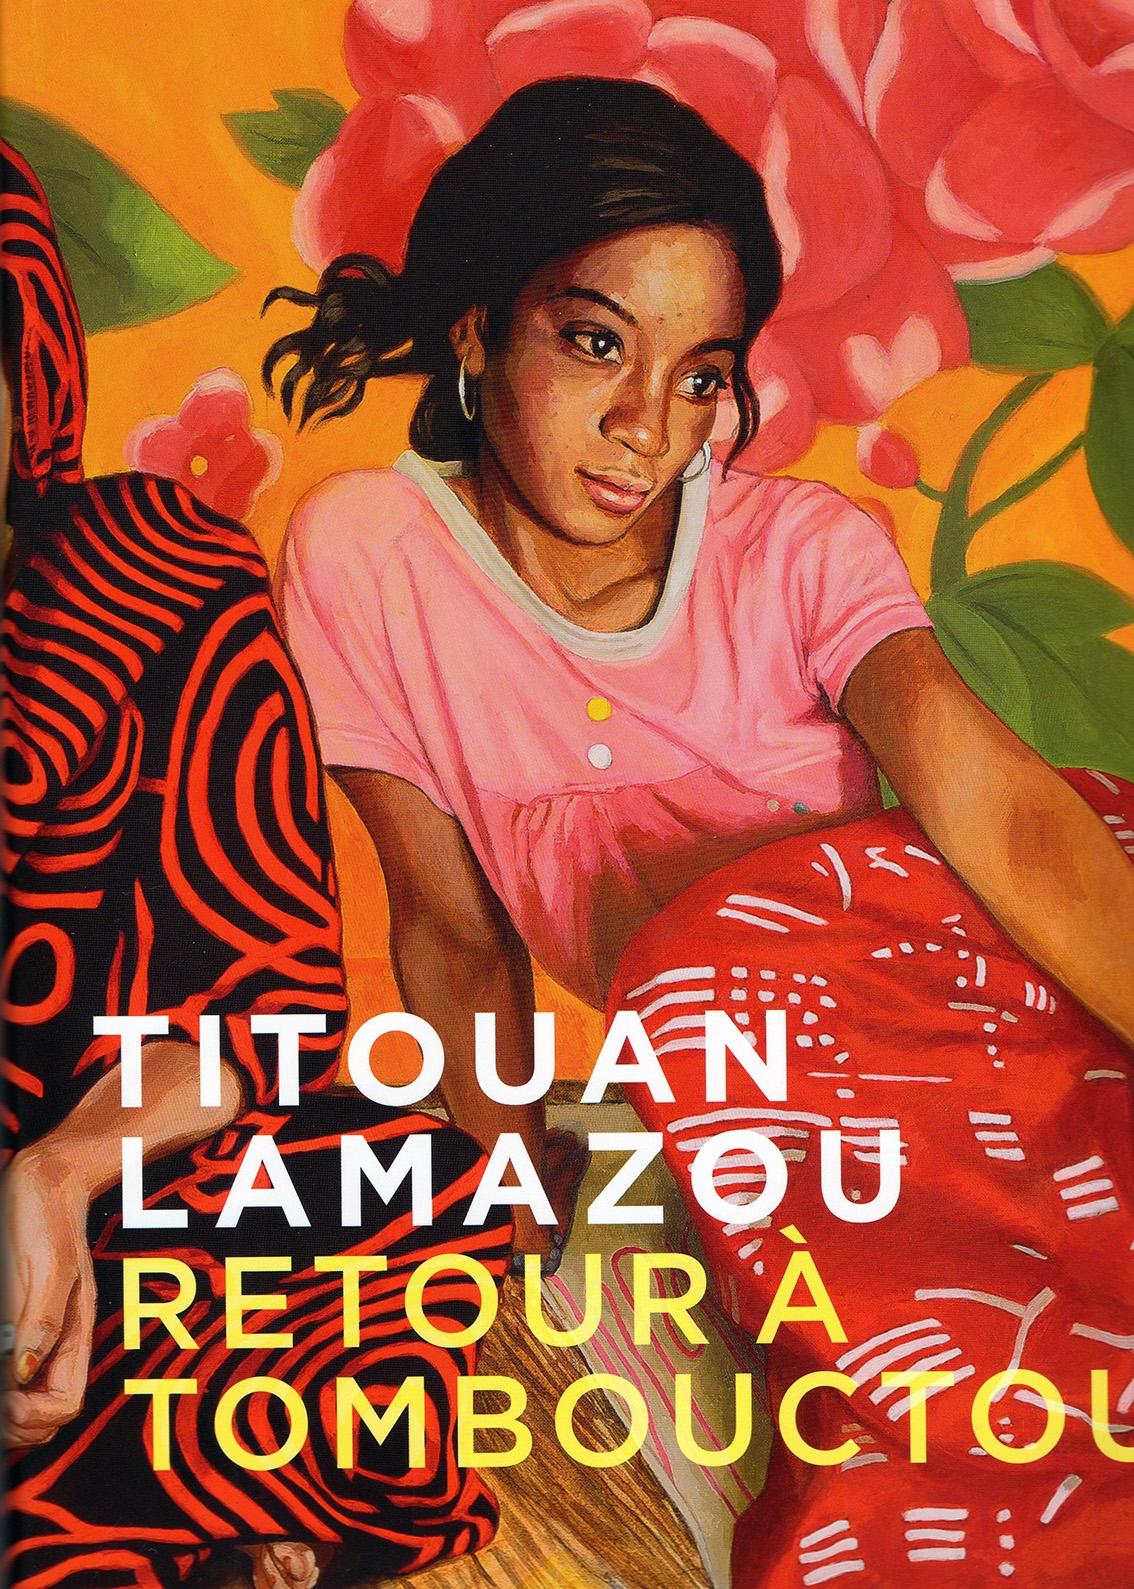 couverture livre Lamazou.jpg